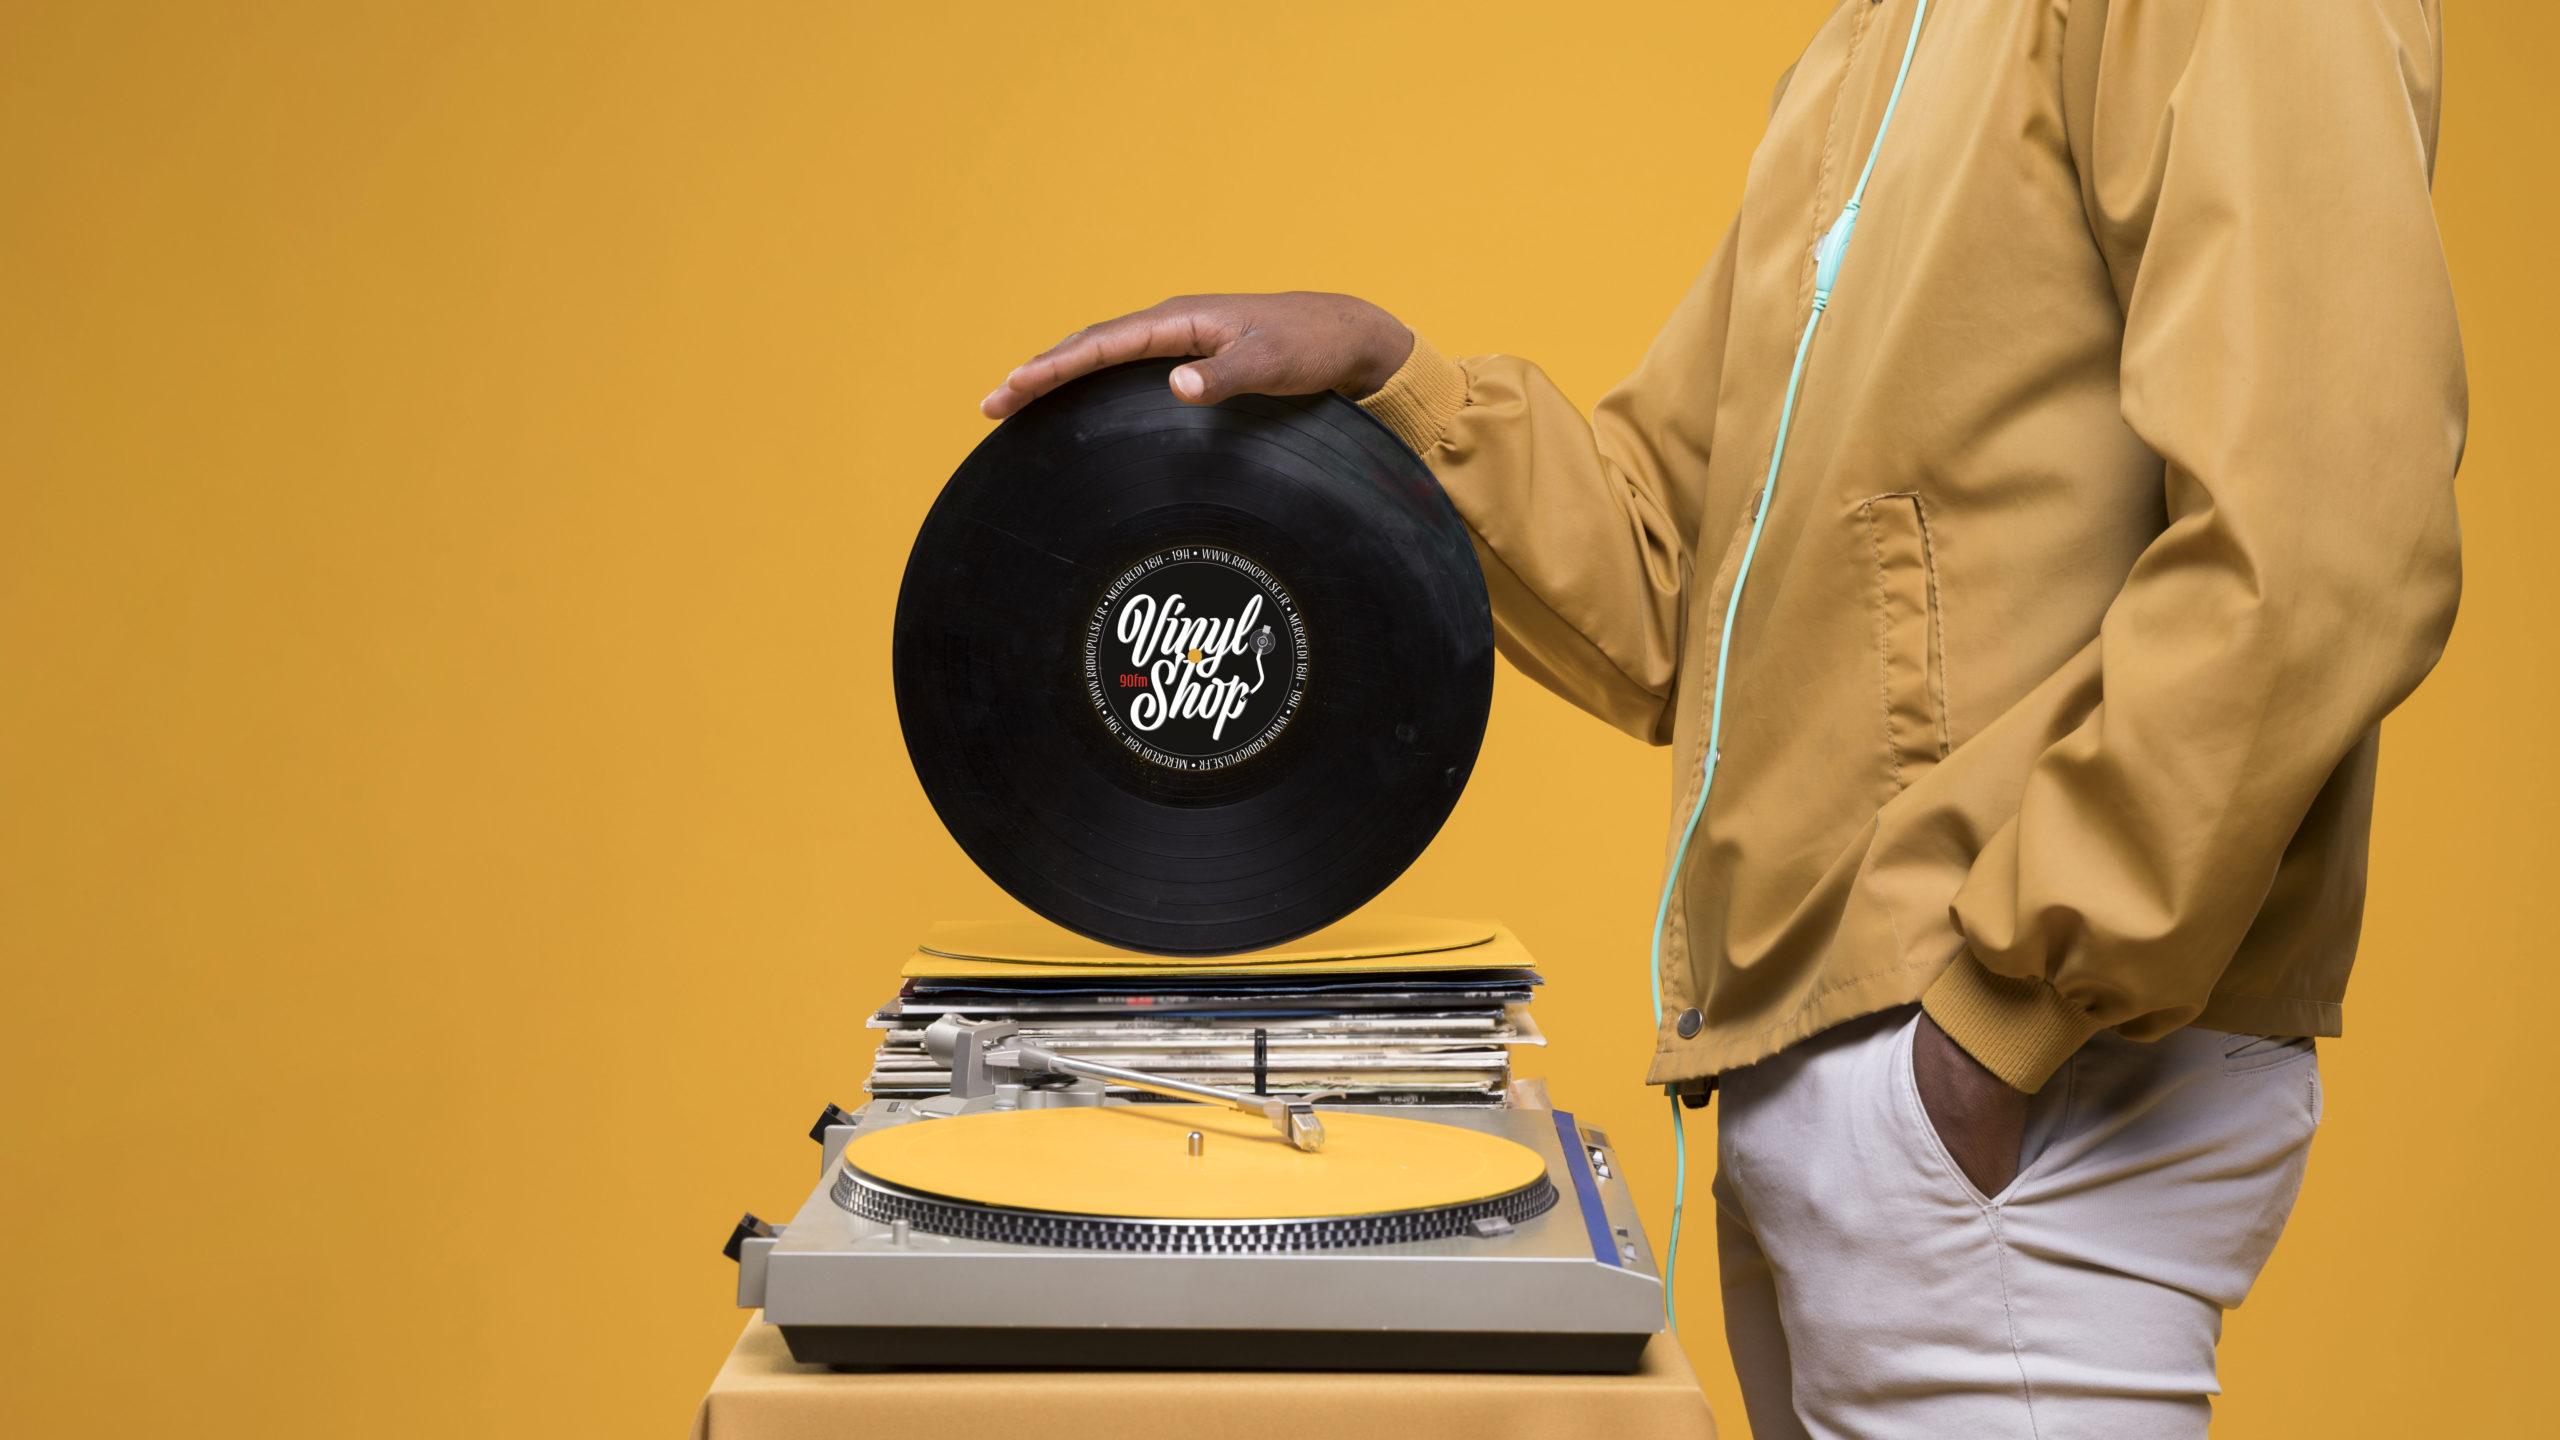 logo vinyl shop